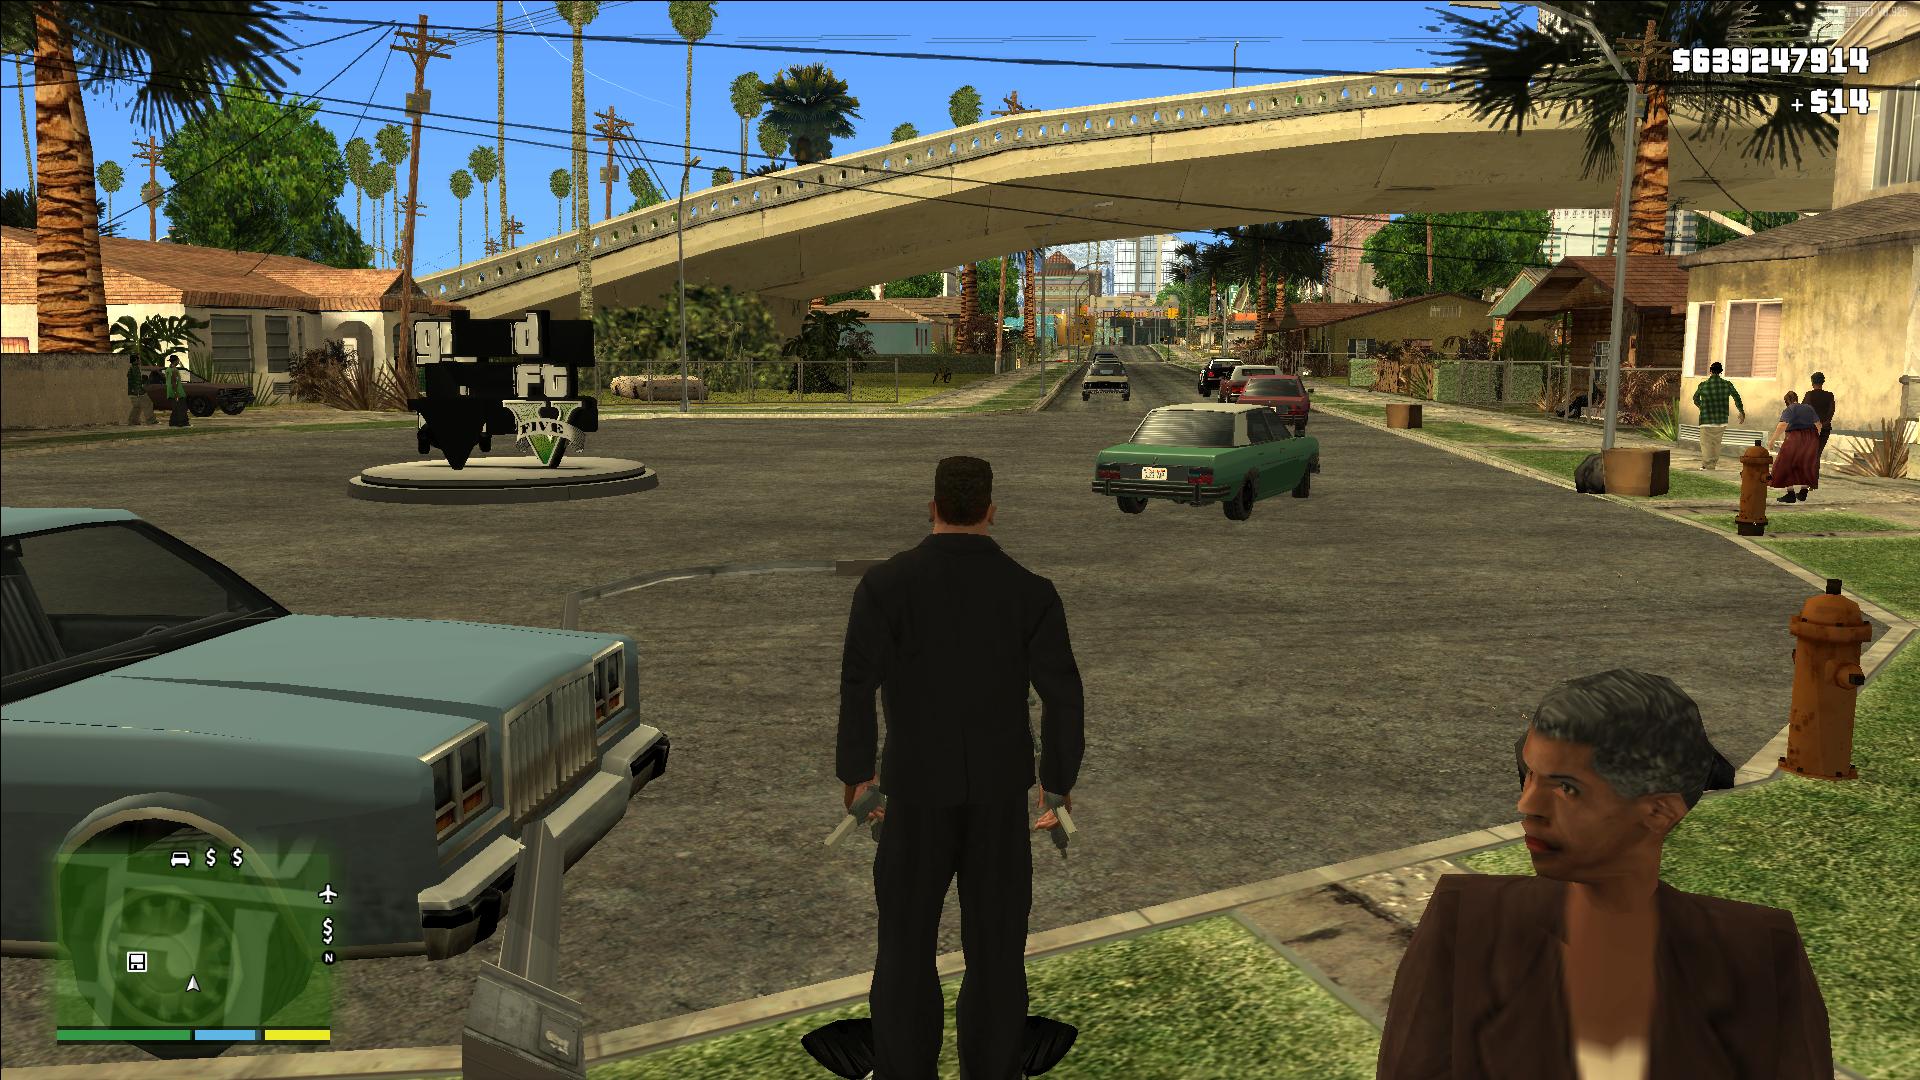 a1a00ae8860 Grand Theft Auto V  San Andreas V1.0.1 Screenshot 1 image - Mod DB